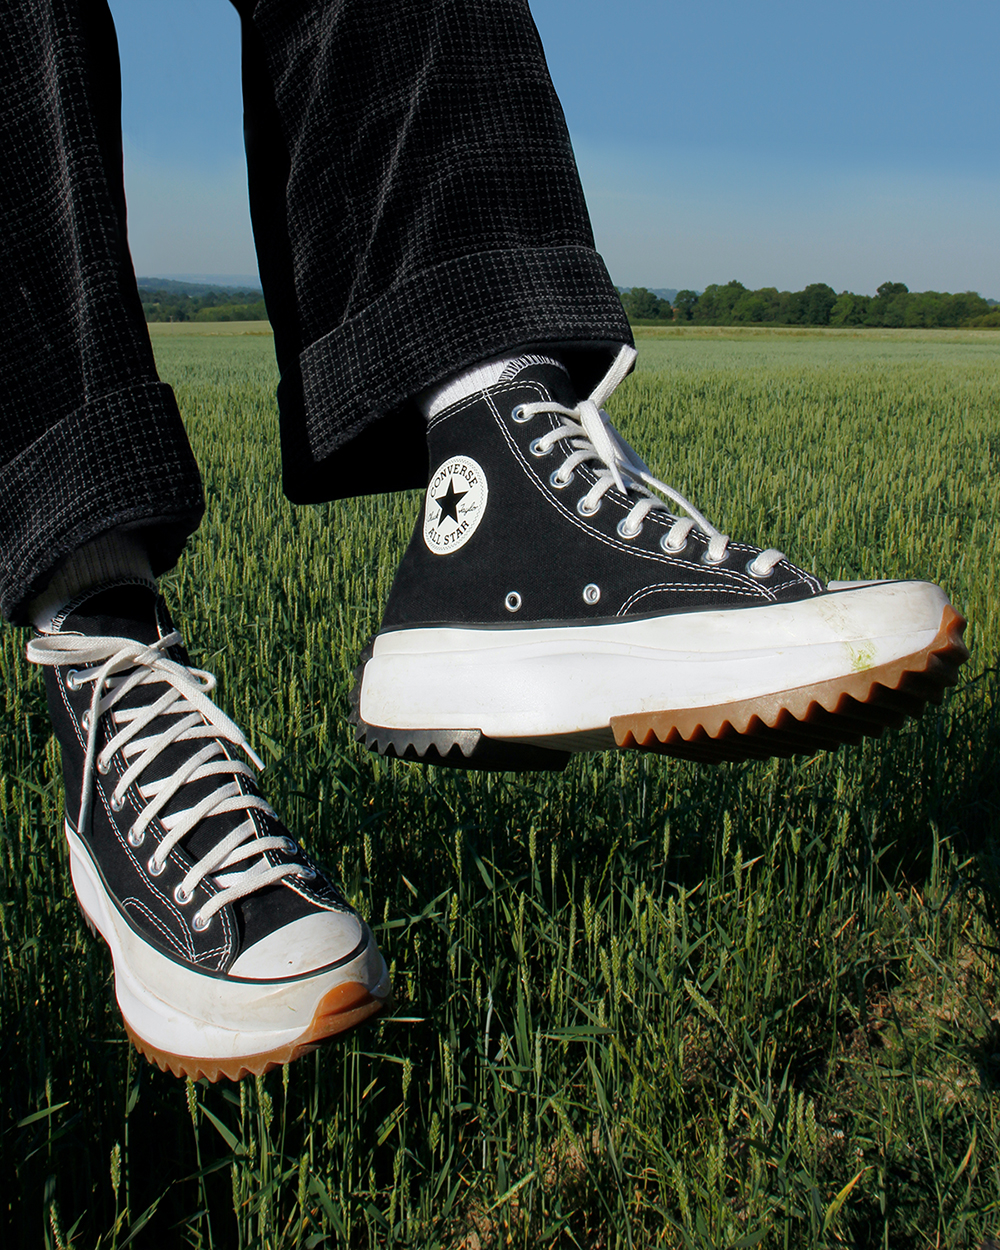 giày converse run star hike màu đen high top